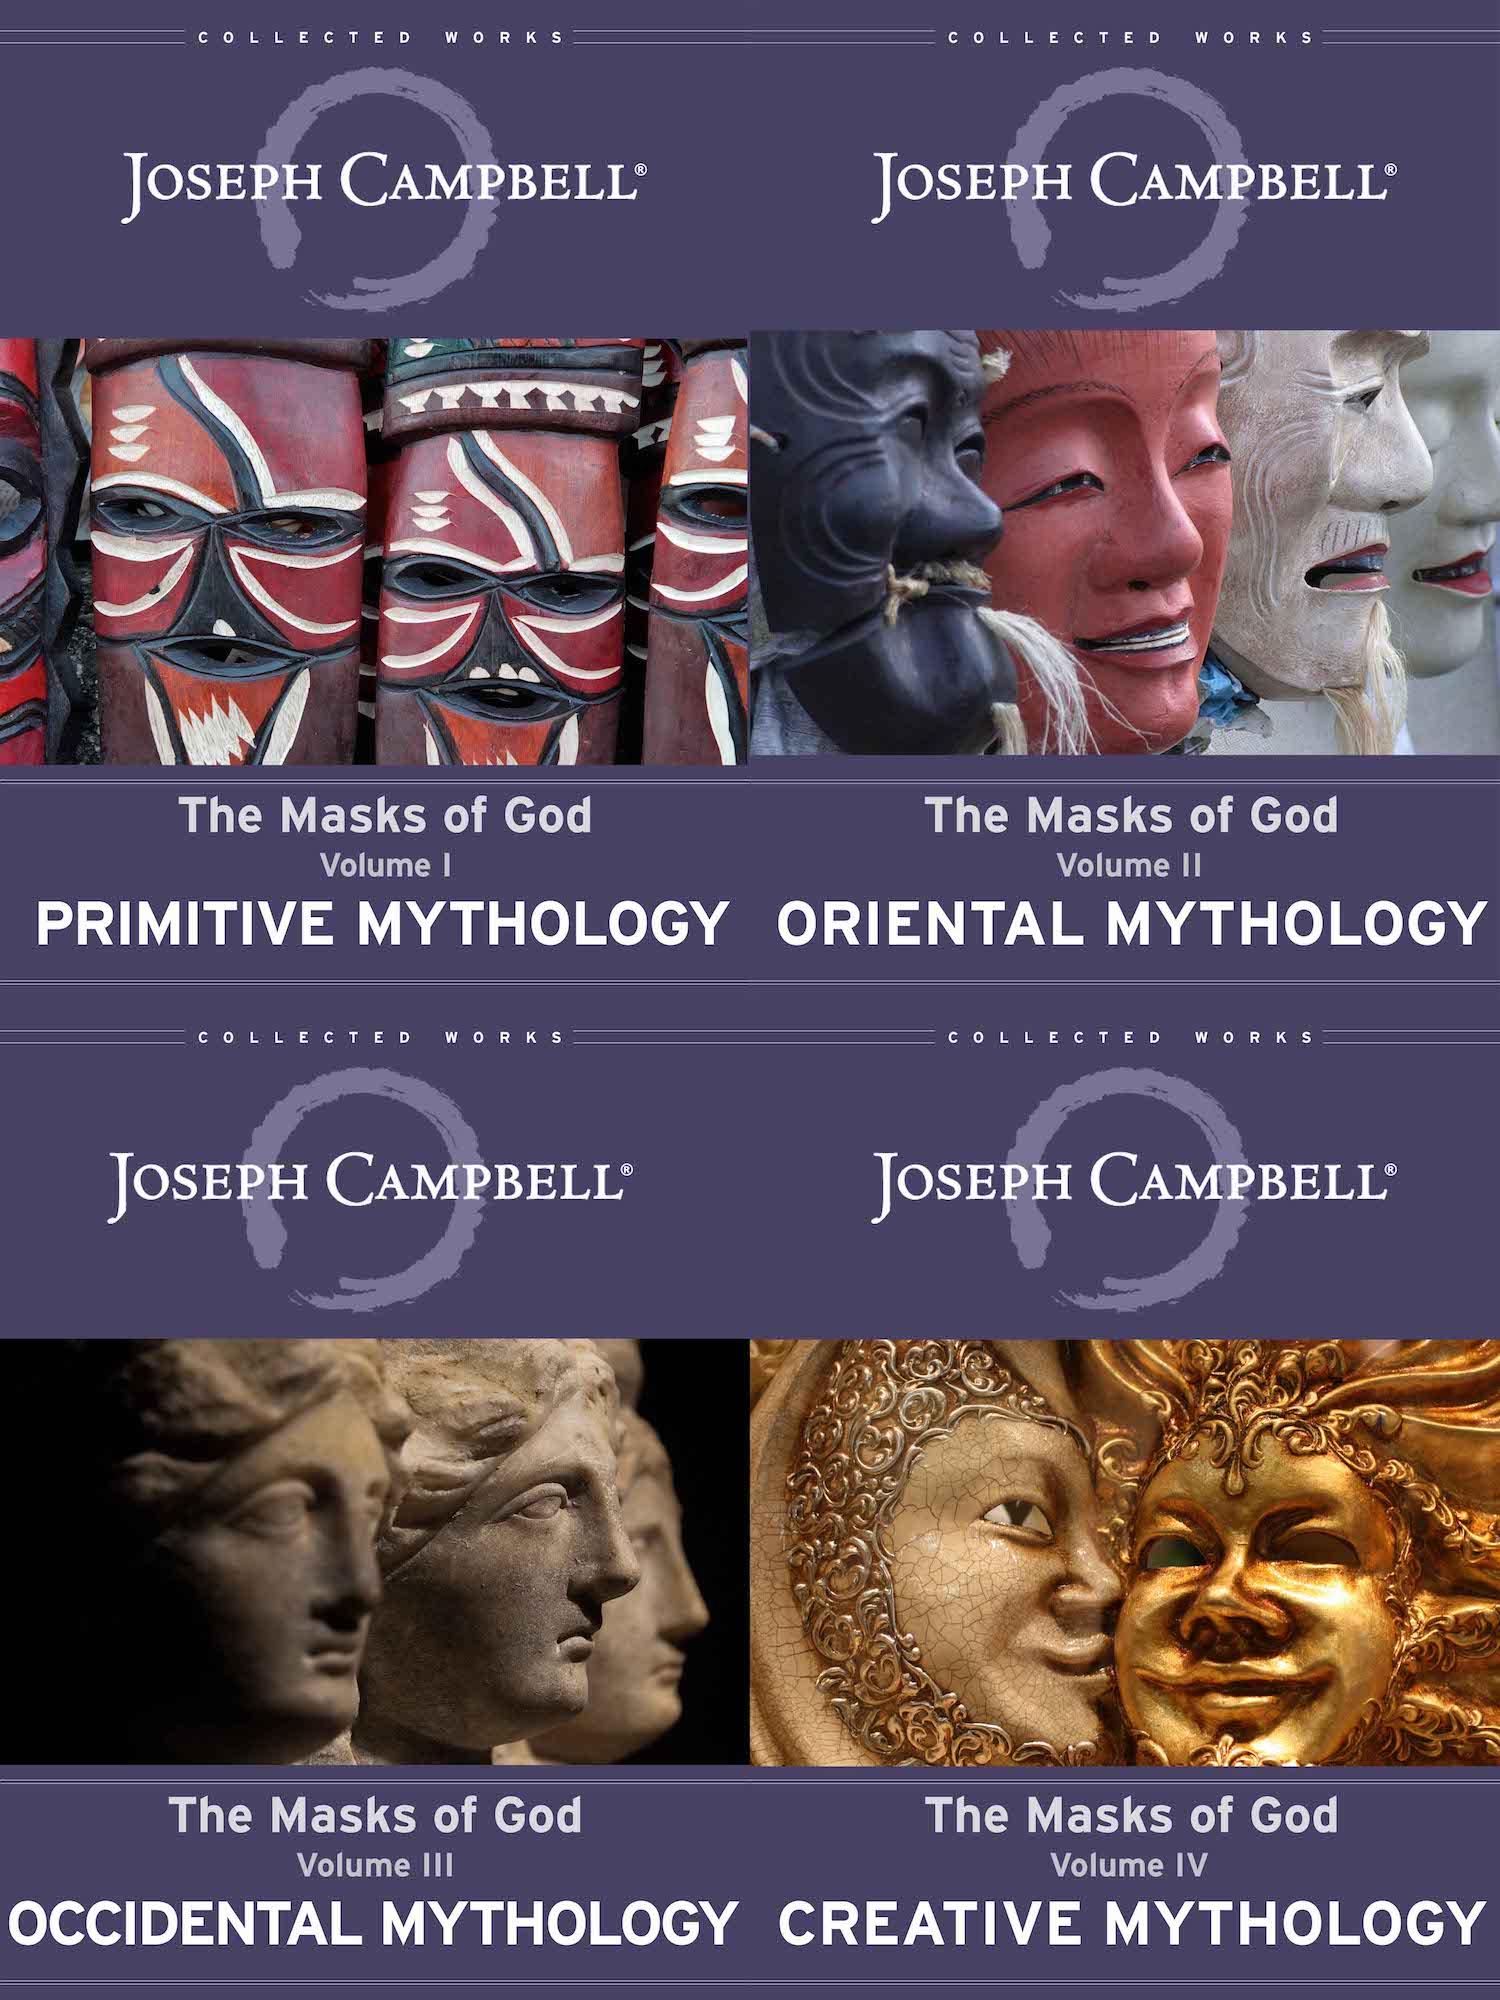 Masks of God series